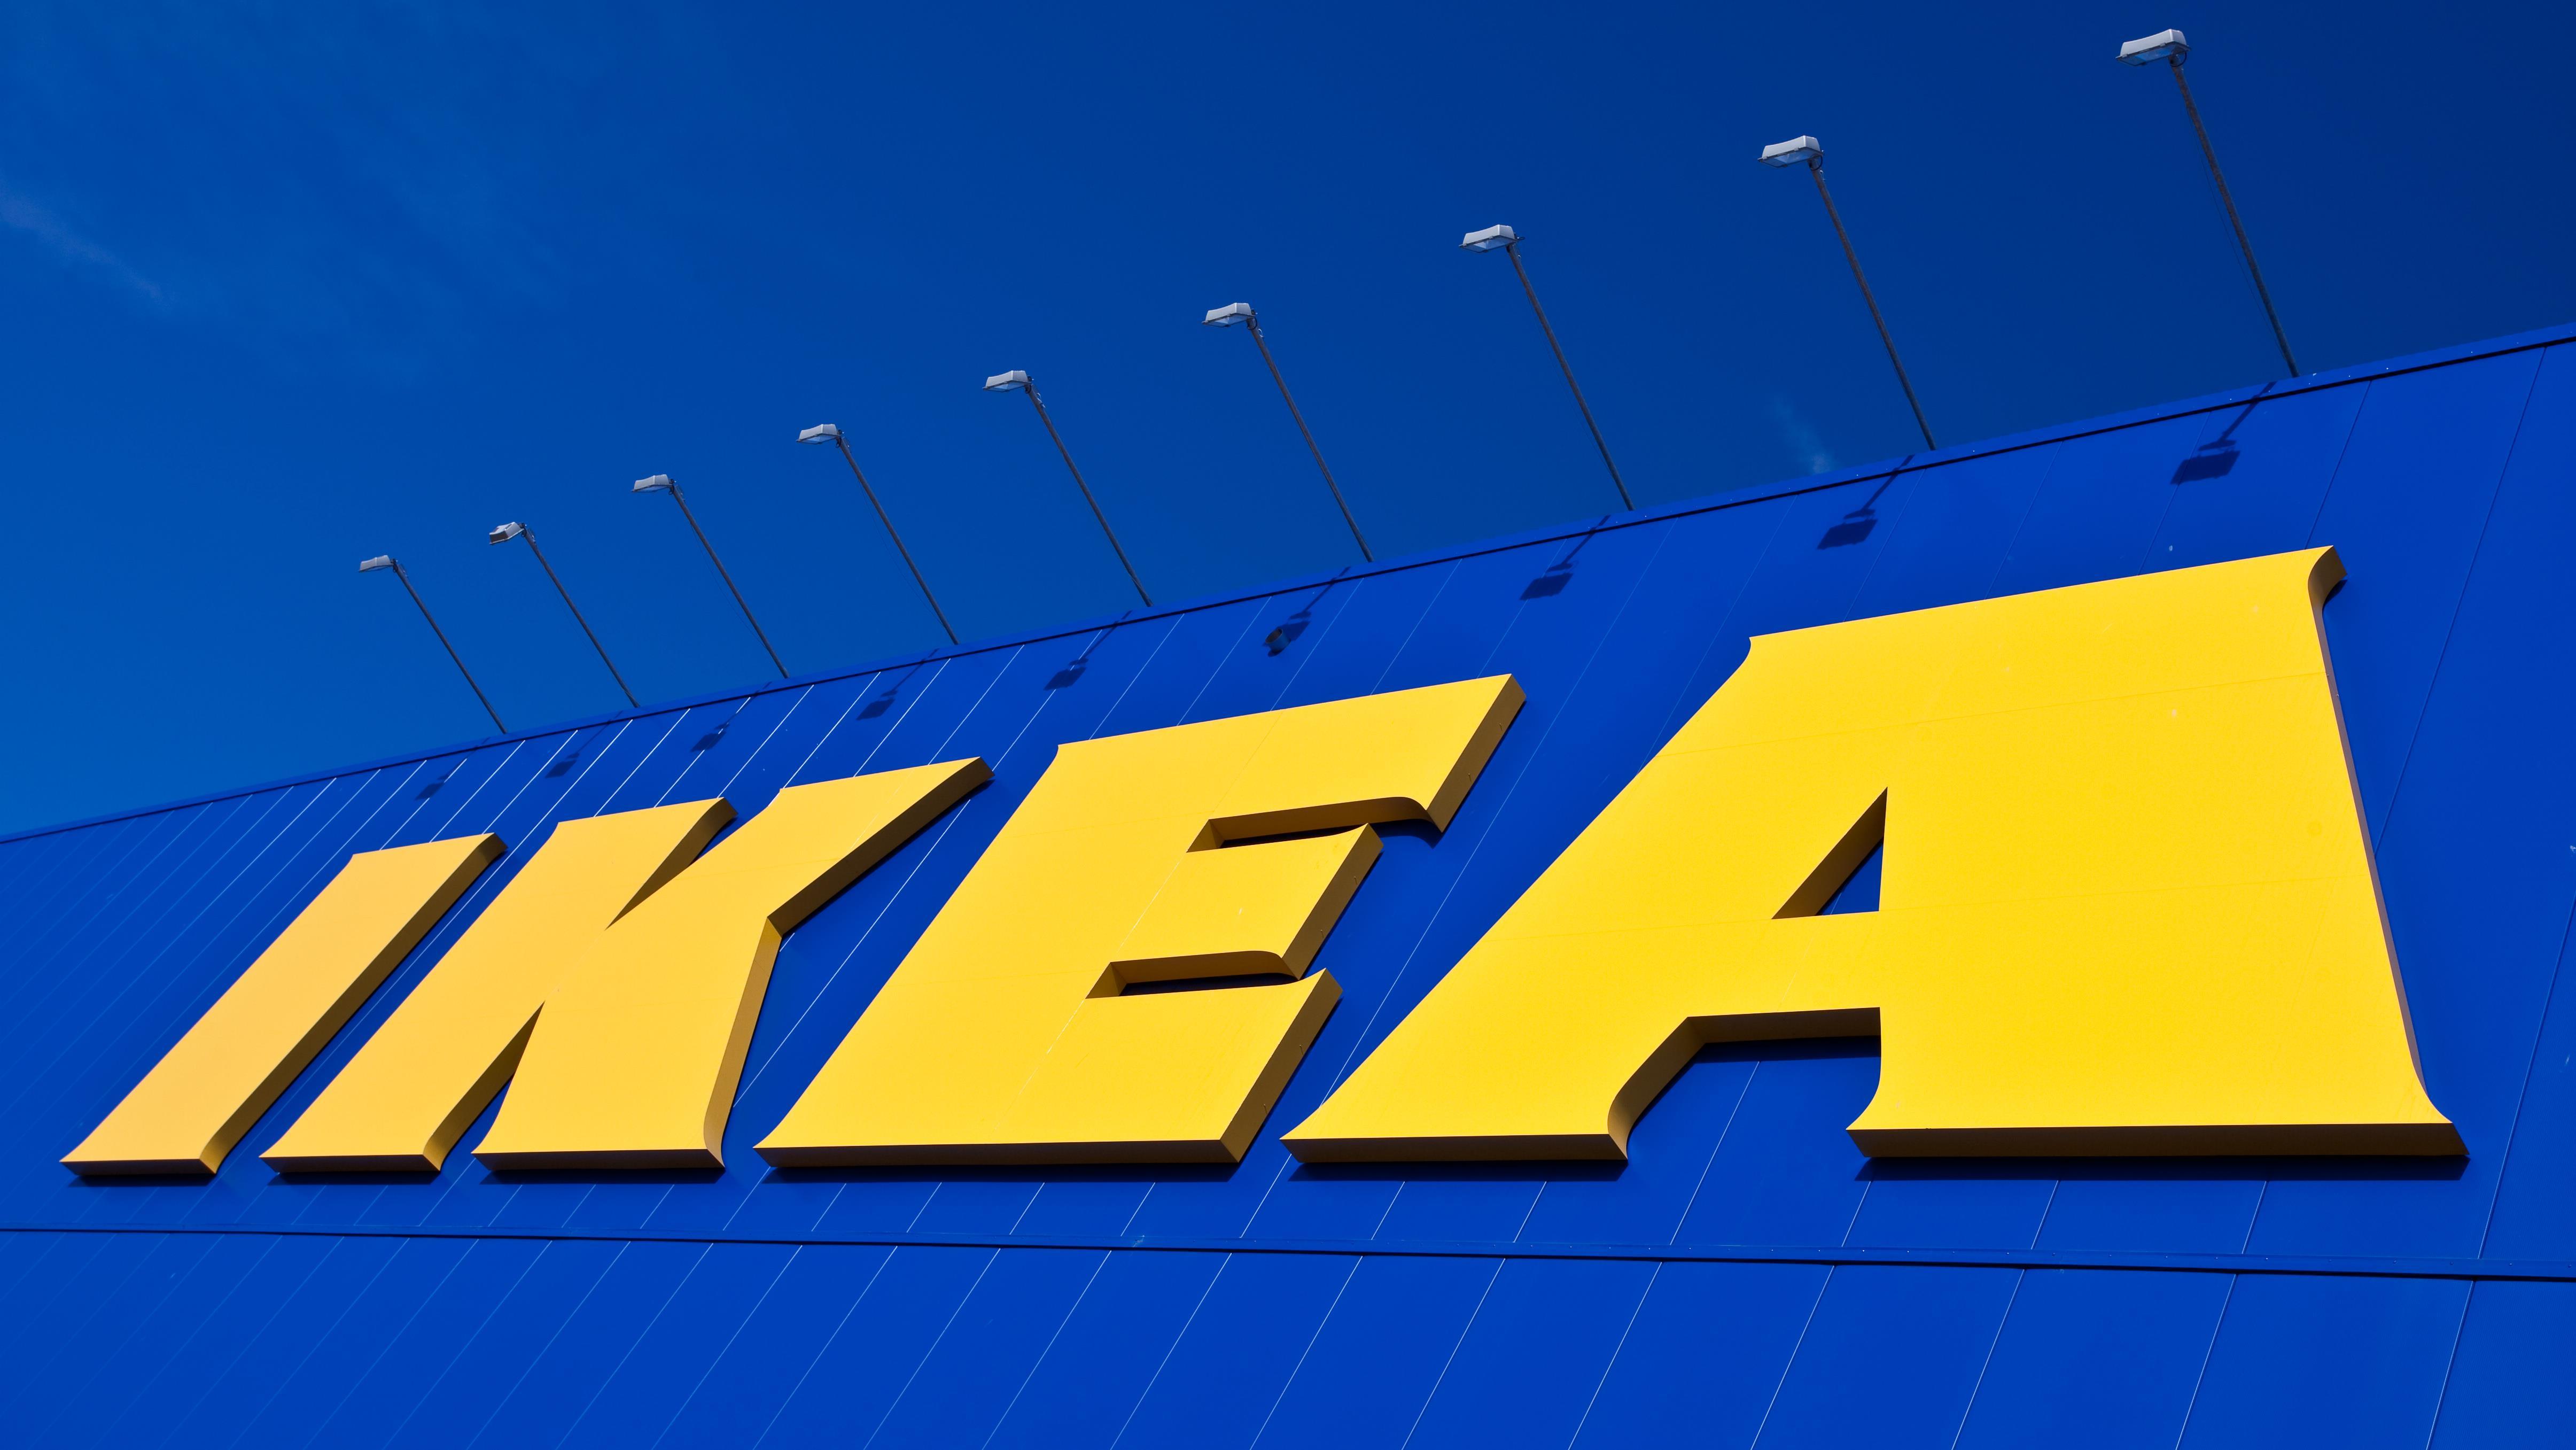 Torpkok Ikea : Politie waarschuwt voor verkeershinder bij opening IKEA in Zwolle